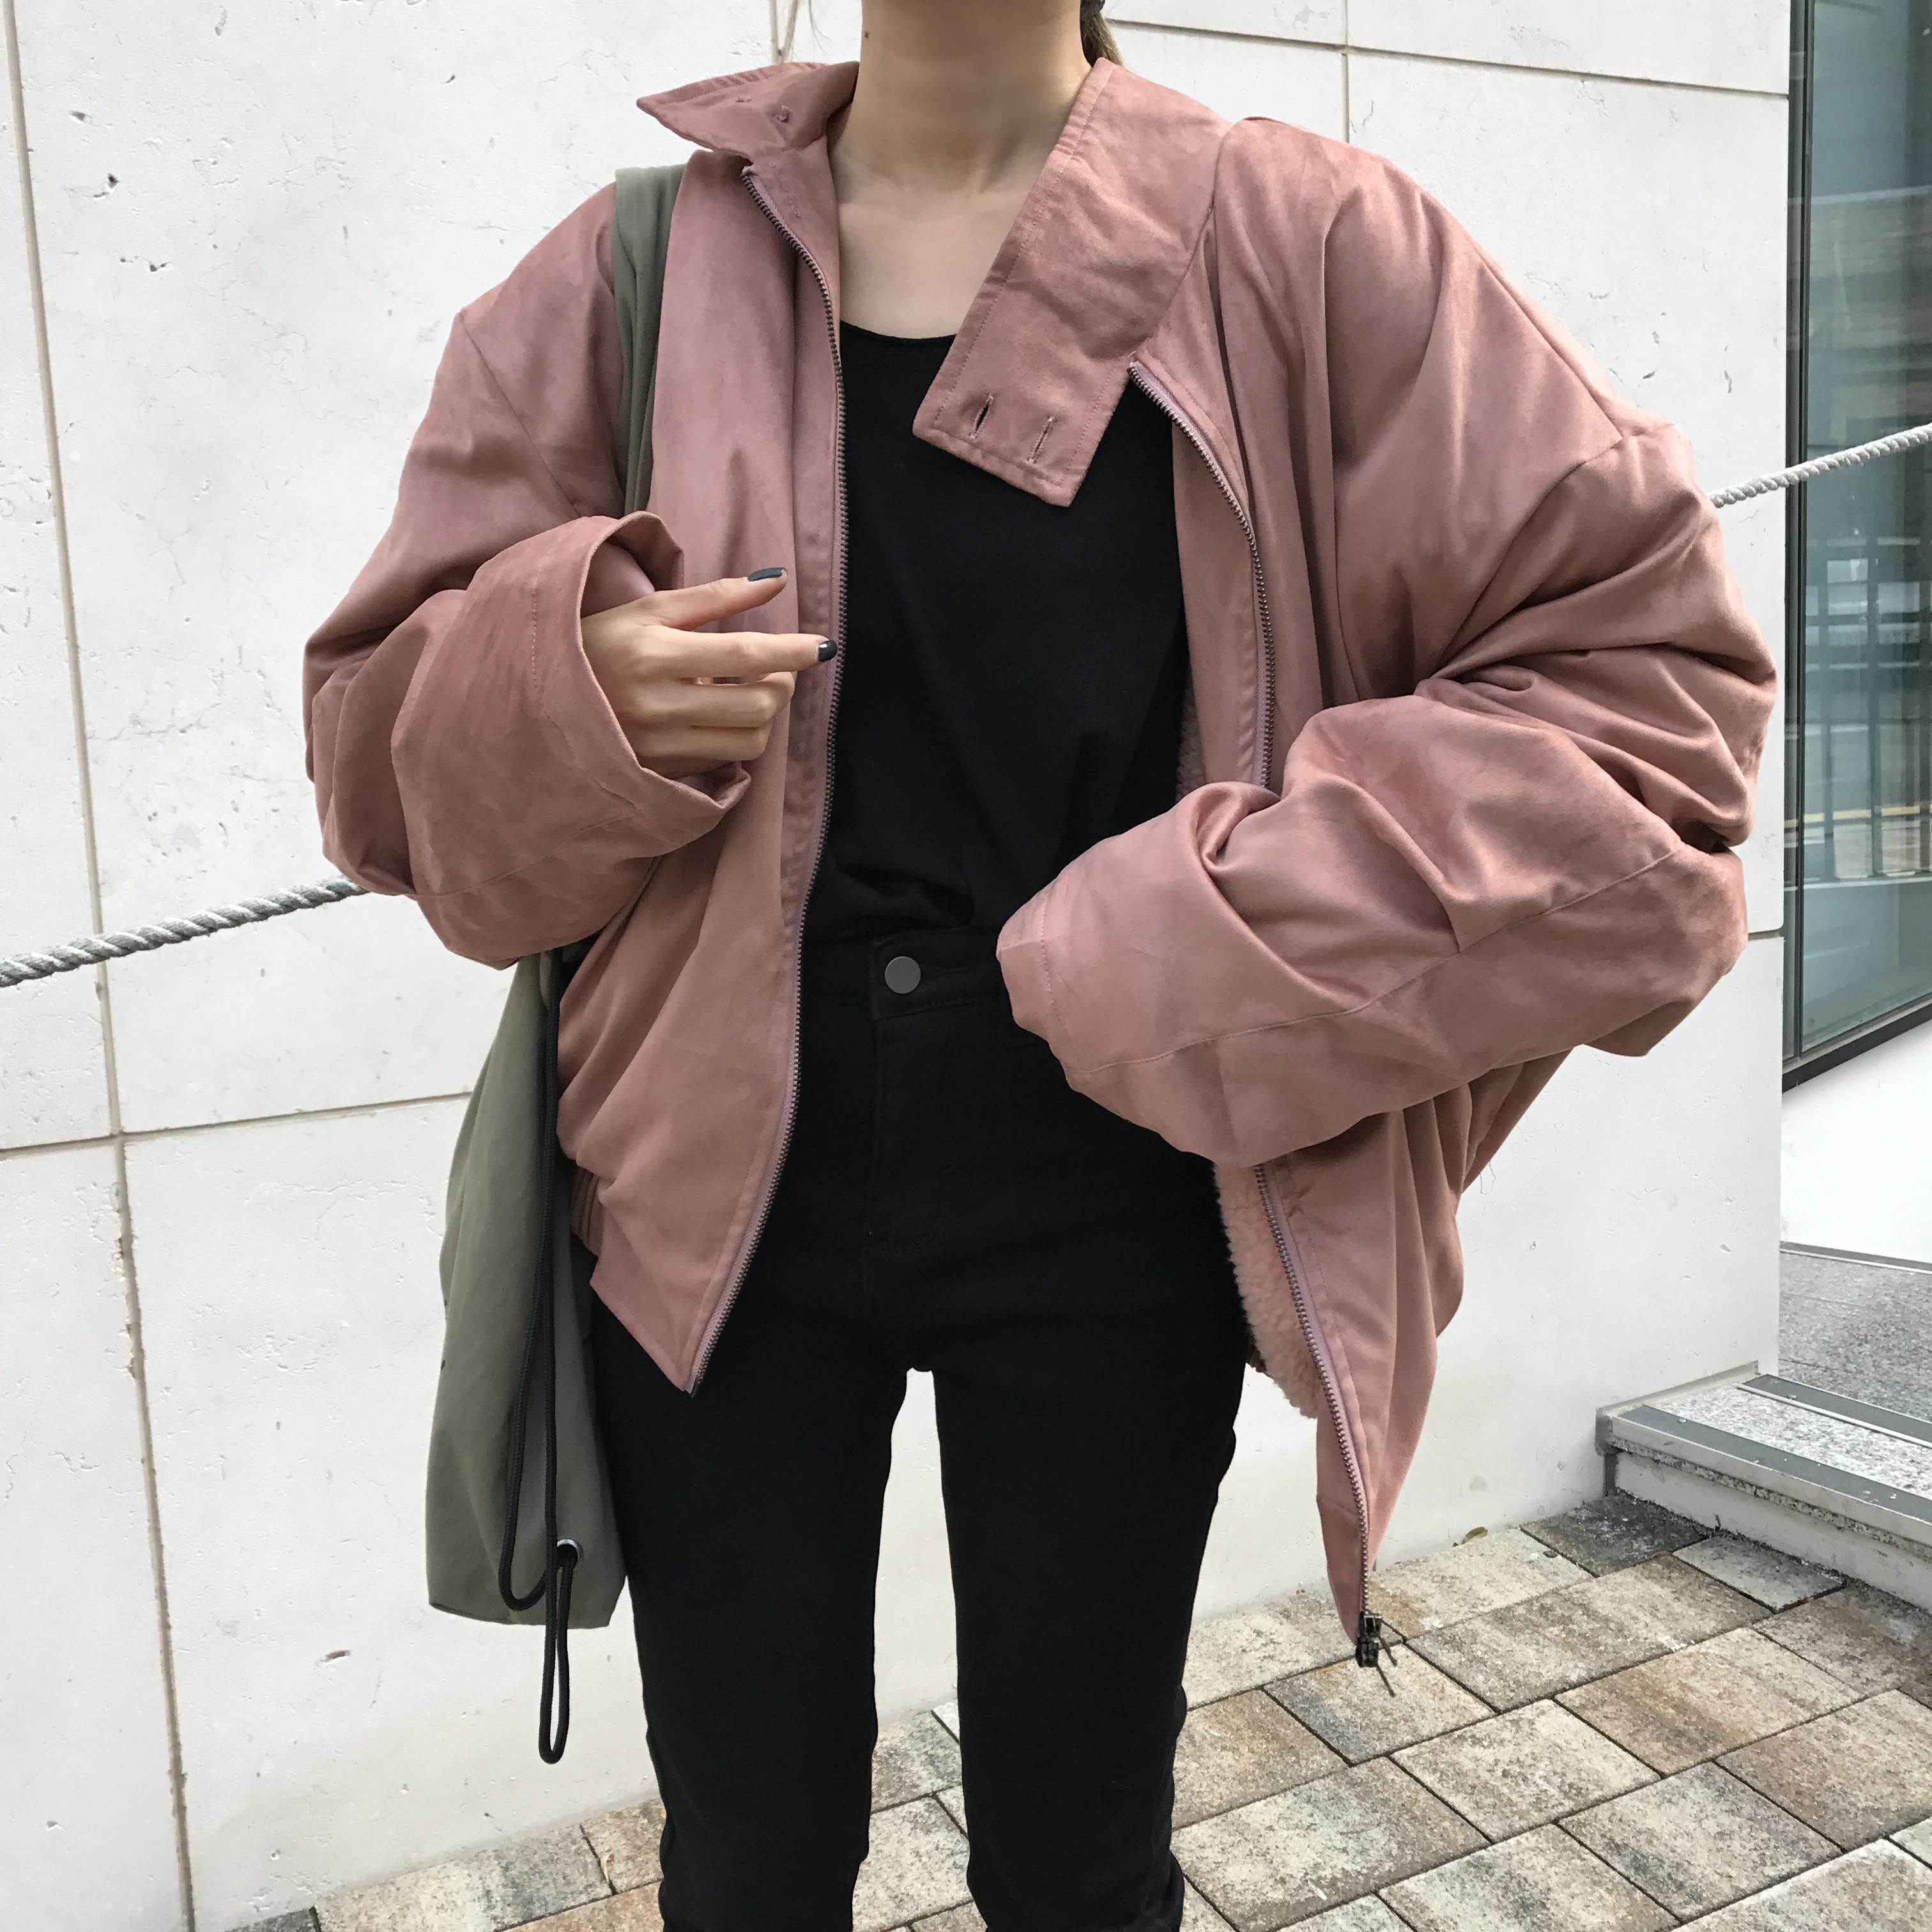 荒荒家定制 简约加厚羊羔绒夹克女韩版2018秋冬新款宽松长袖外套